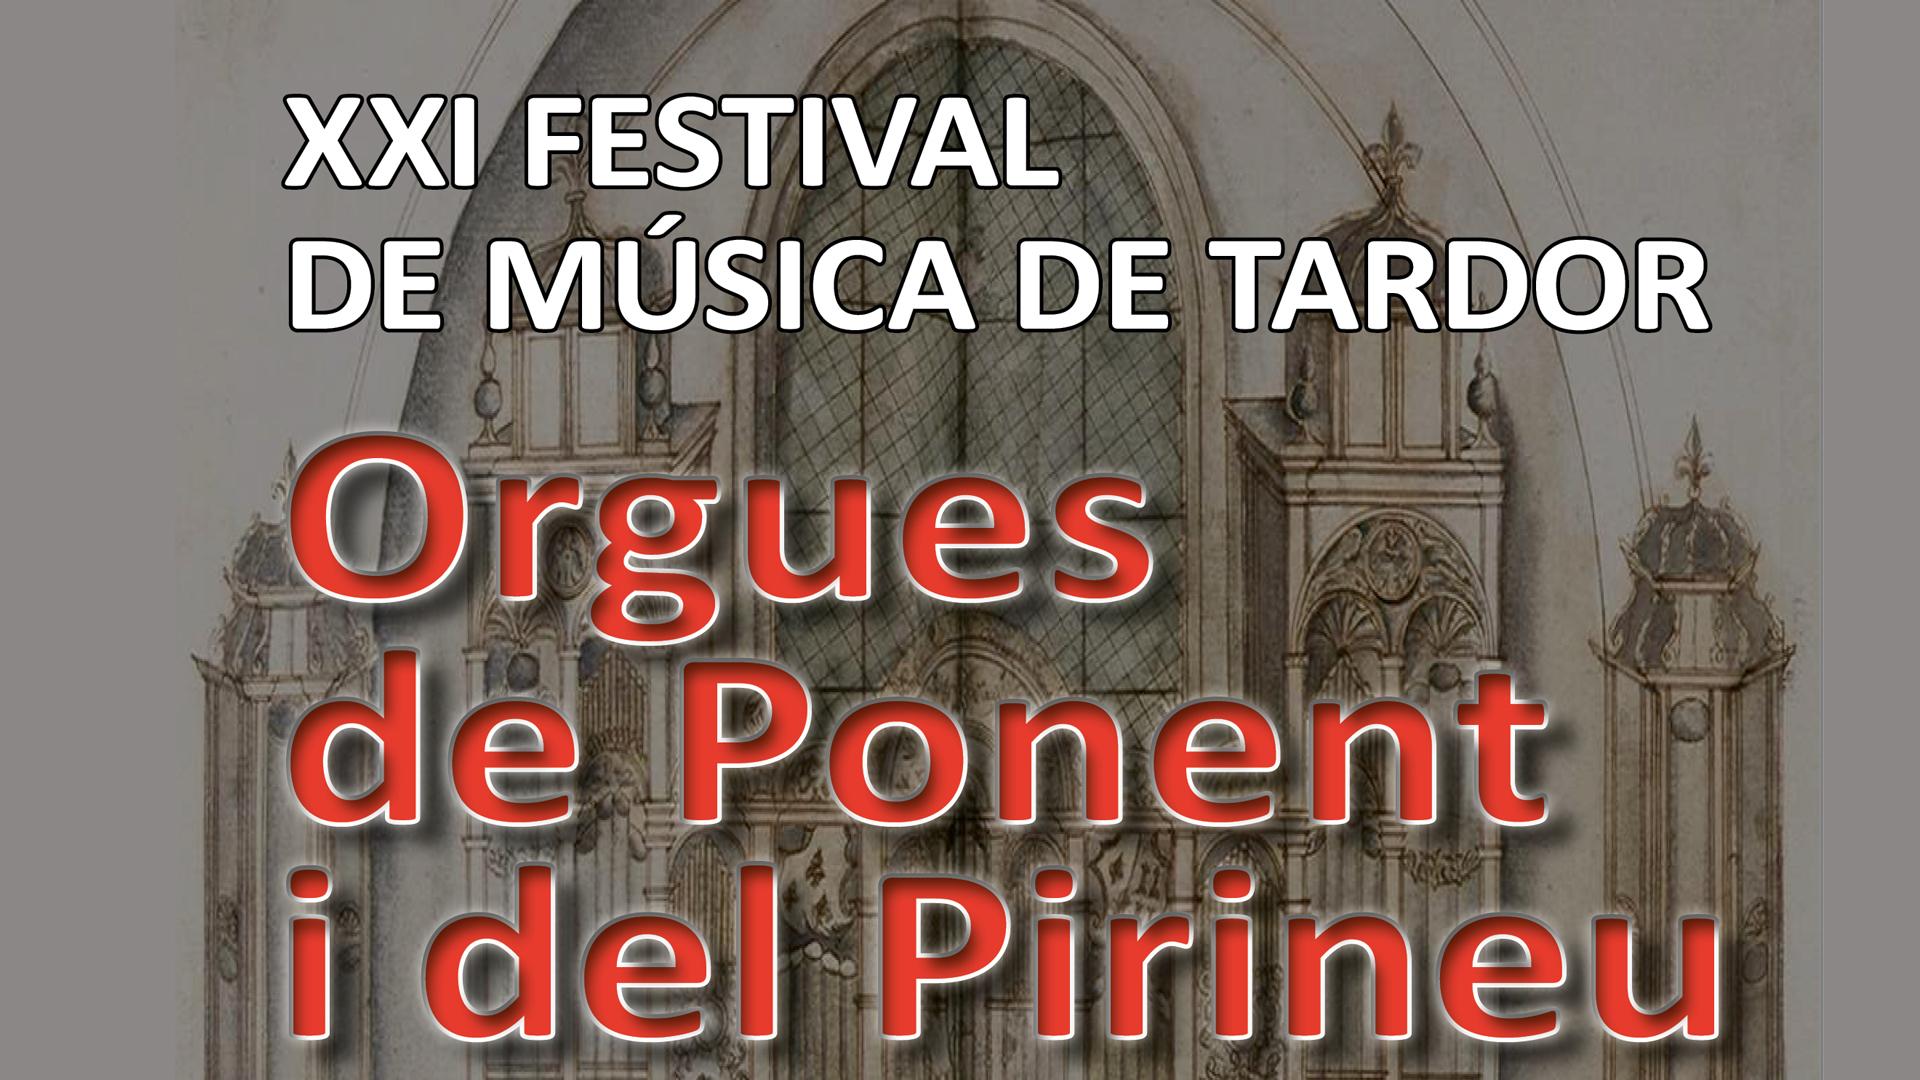 Xerrada sobre lluita no violenta, cinema infantil, excursió familiar i XXI Festival de Música de Tardor, a les Borges